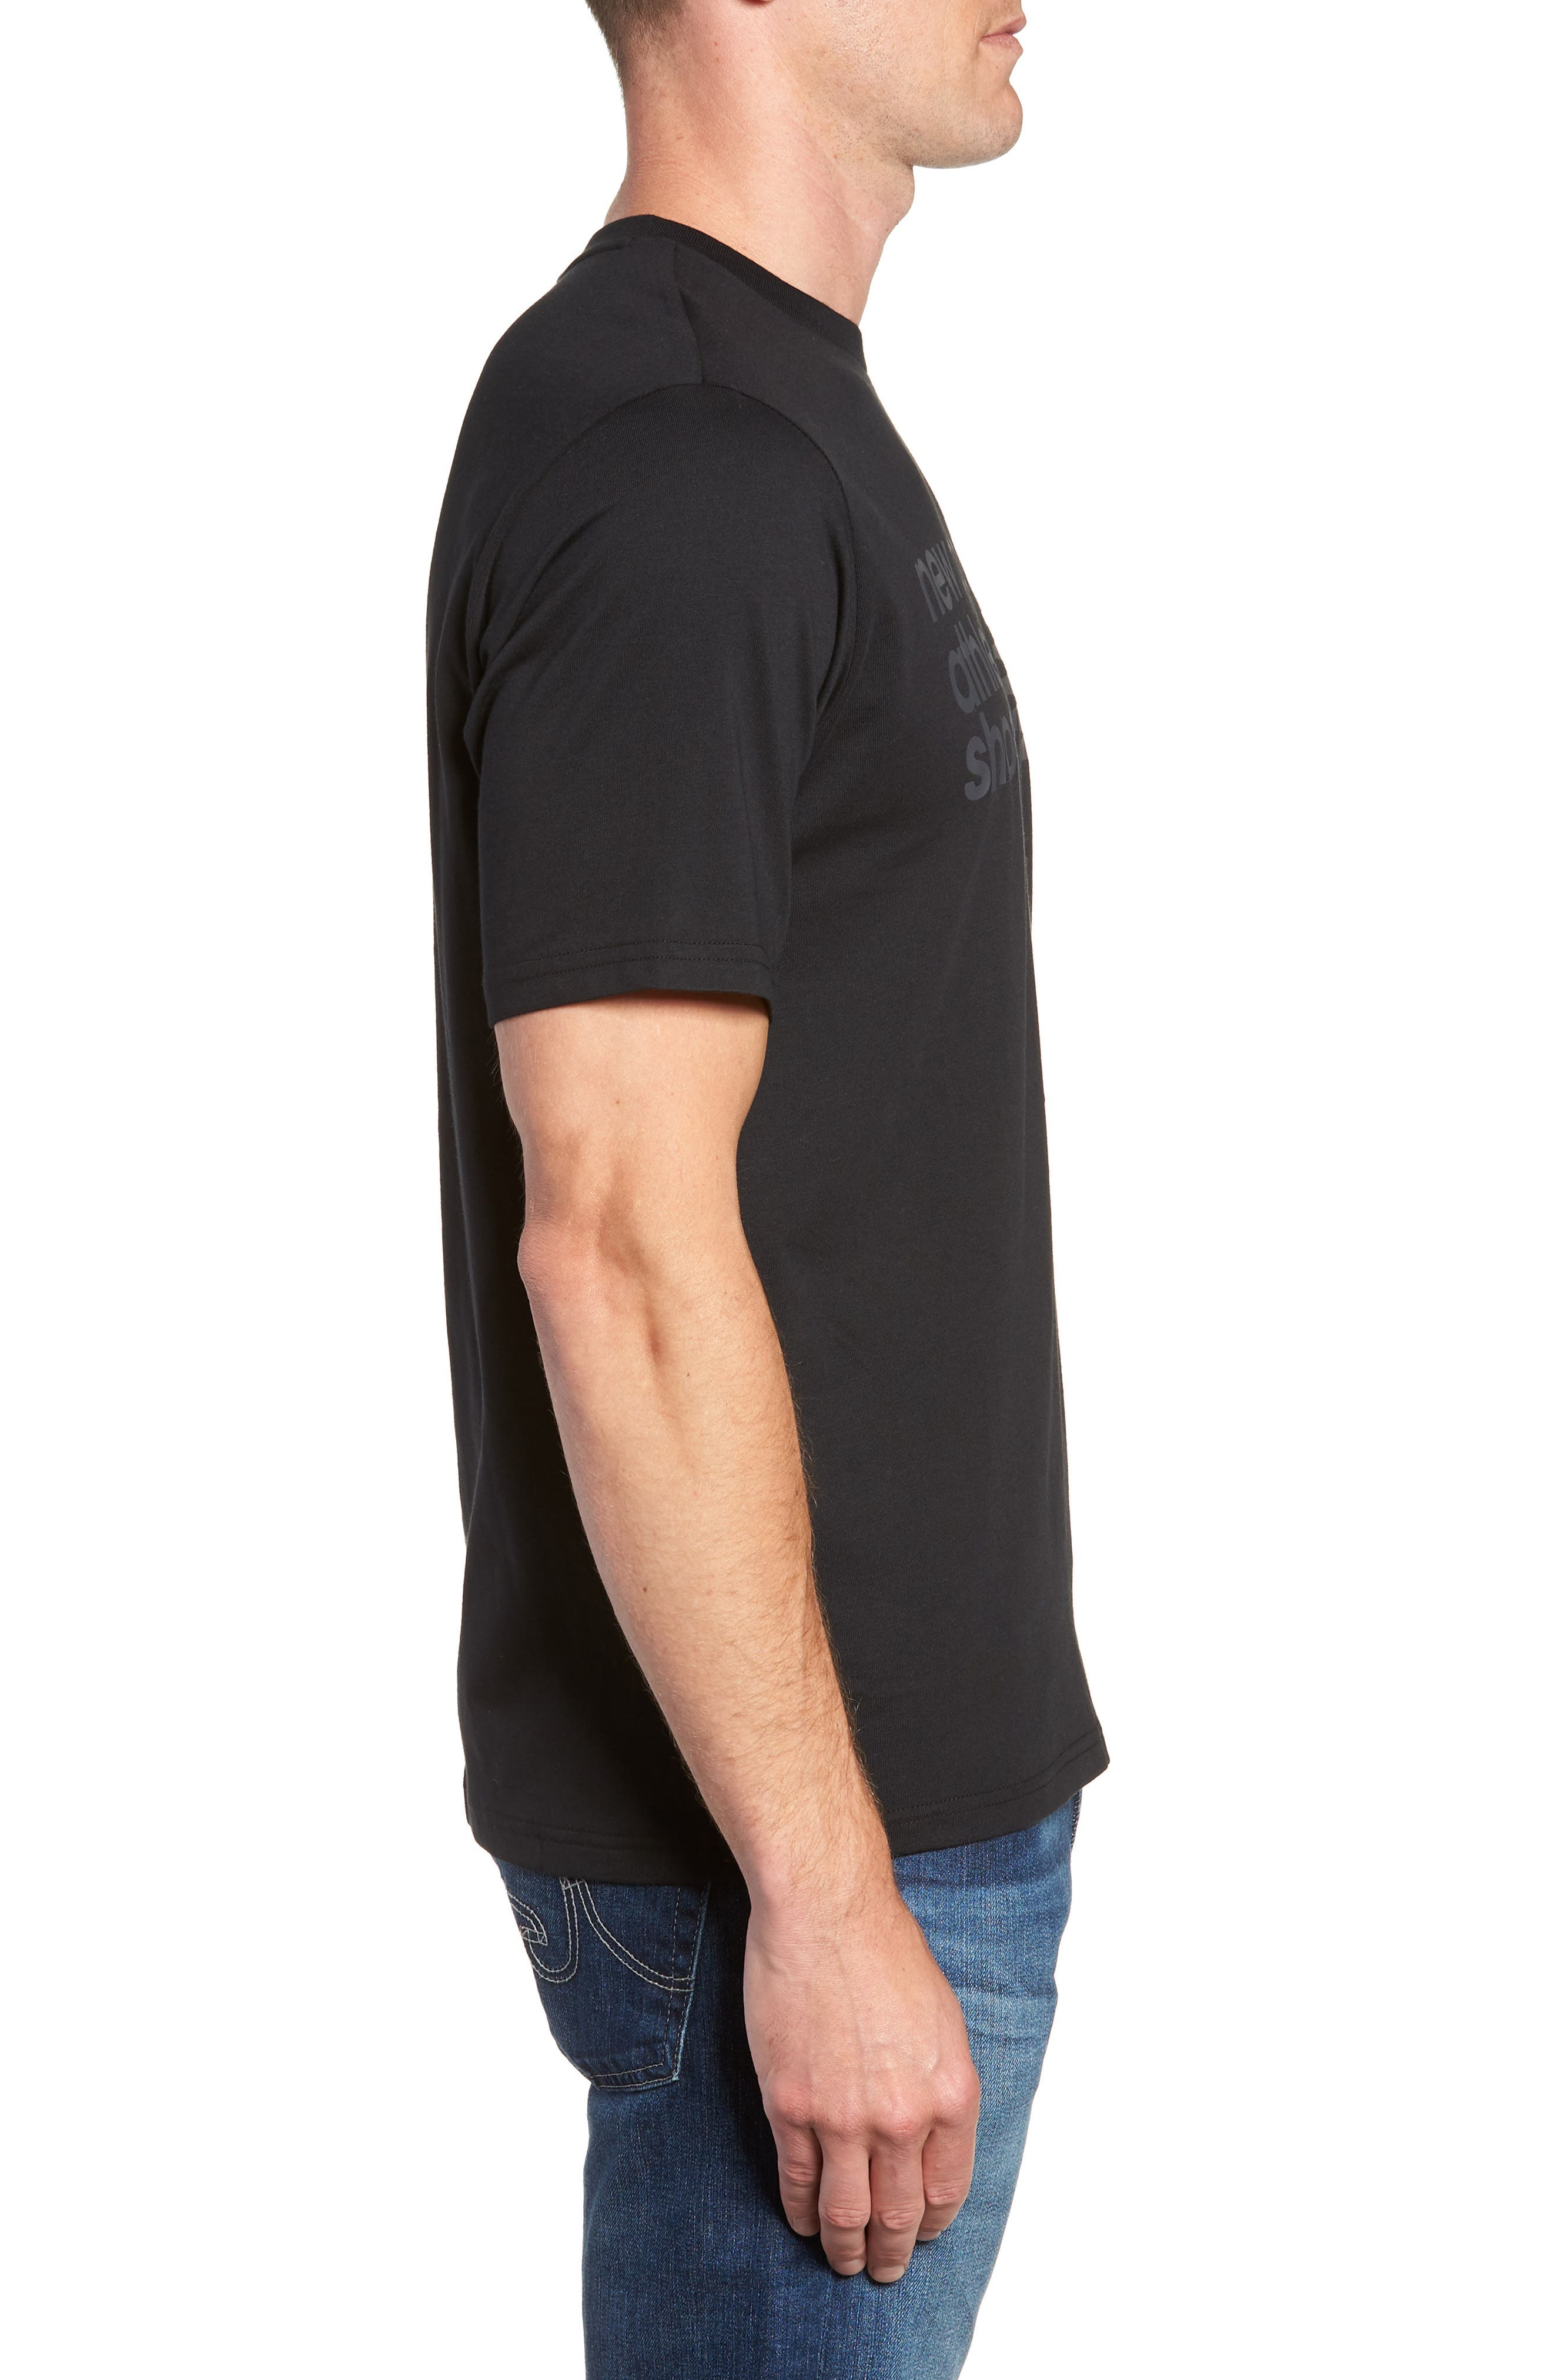 NB Shoe Box Graphic T-Shirt,                             Alternate thumbnail 3, color,                             BLACK